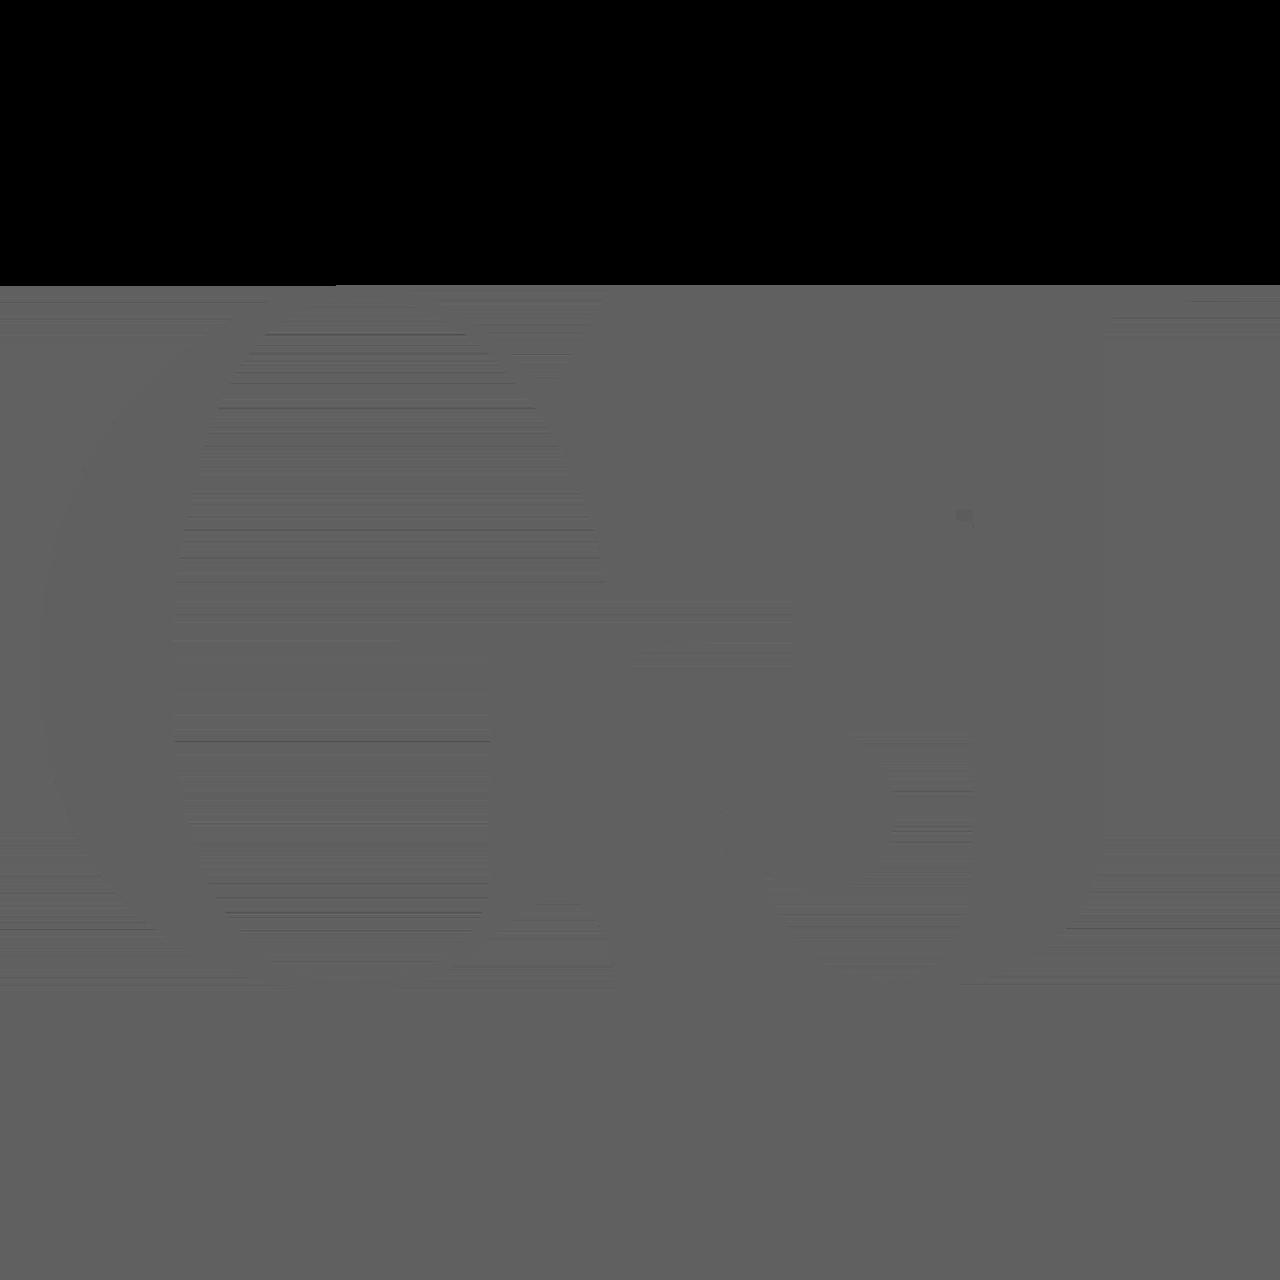 Logo Gruner + Jahr, black & white